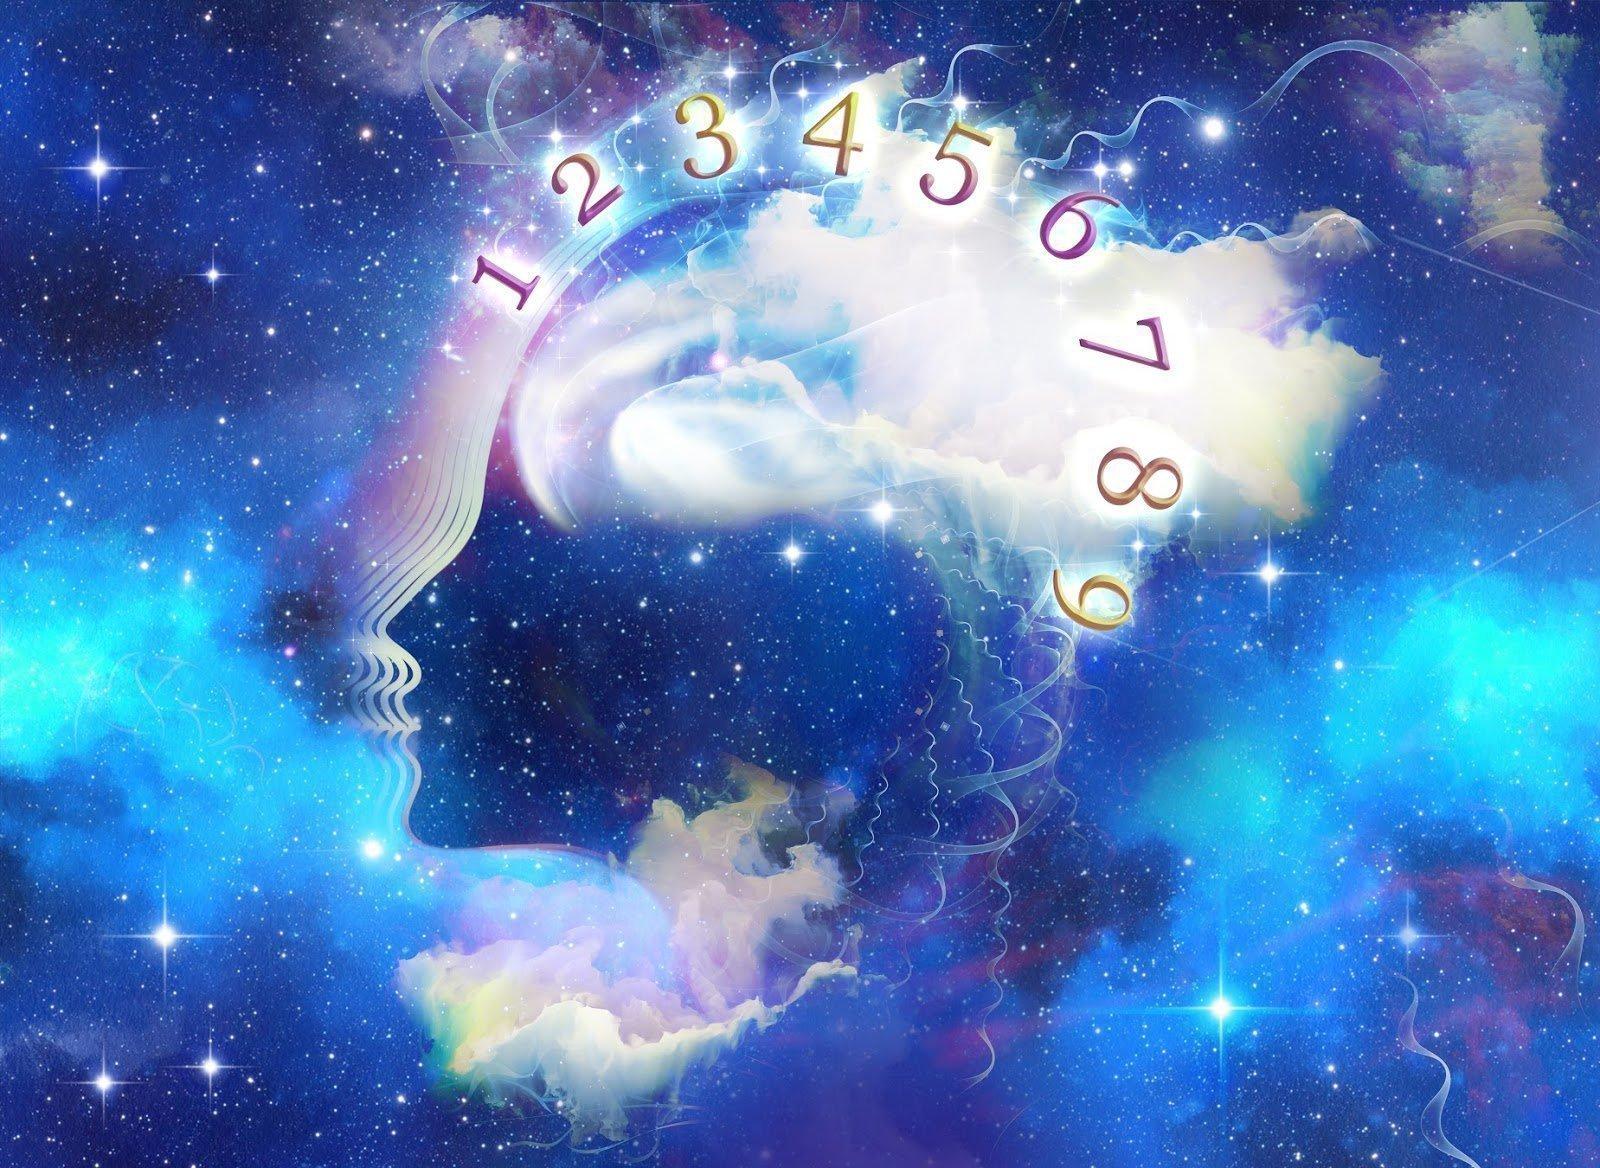 Нумерология по дате рождения график жизни — как рассчитать онлайн, от Пифагора